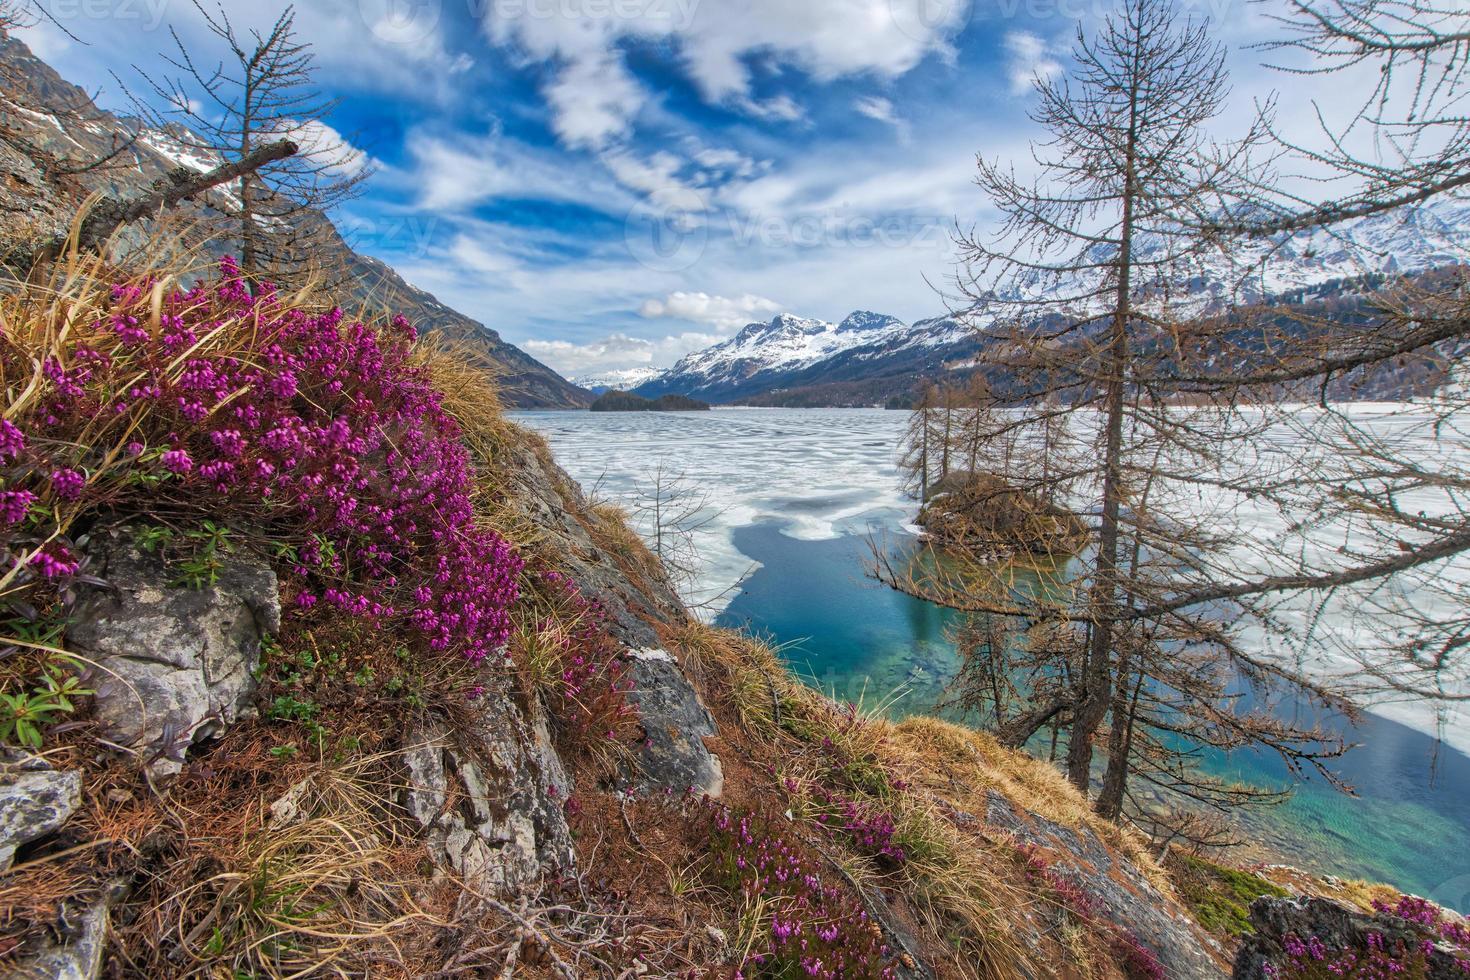 dooi in hoge bergen met lentebloemen en half bevroren meer, engadiner dal bij sankt moritz foto